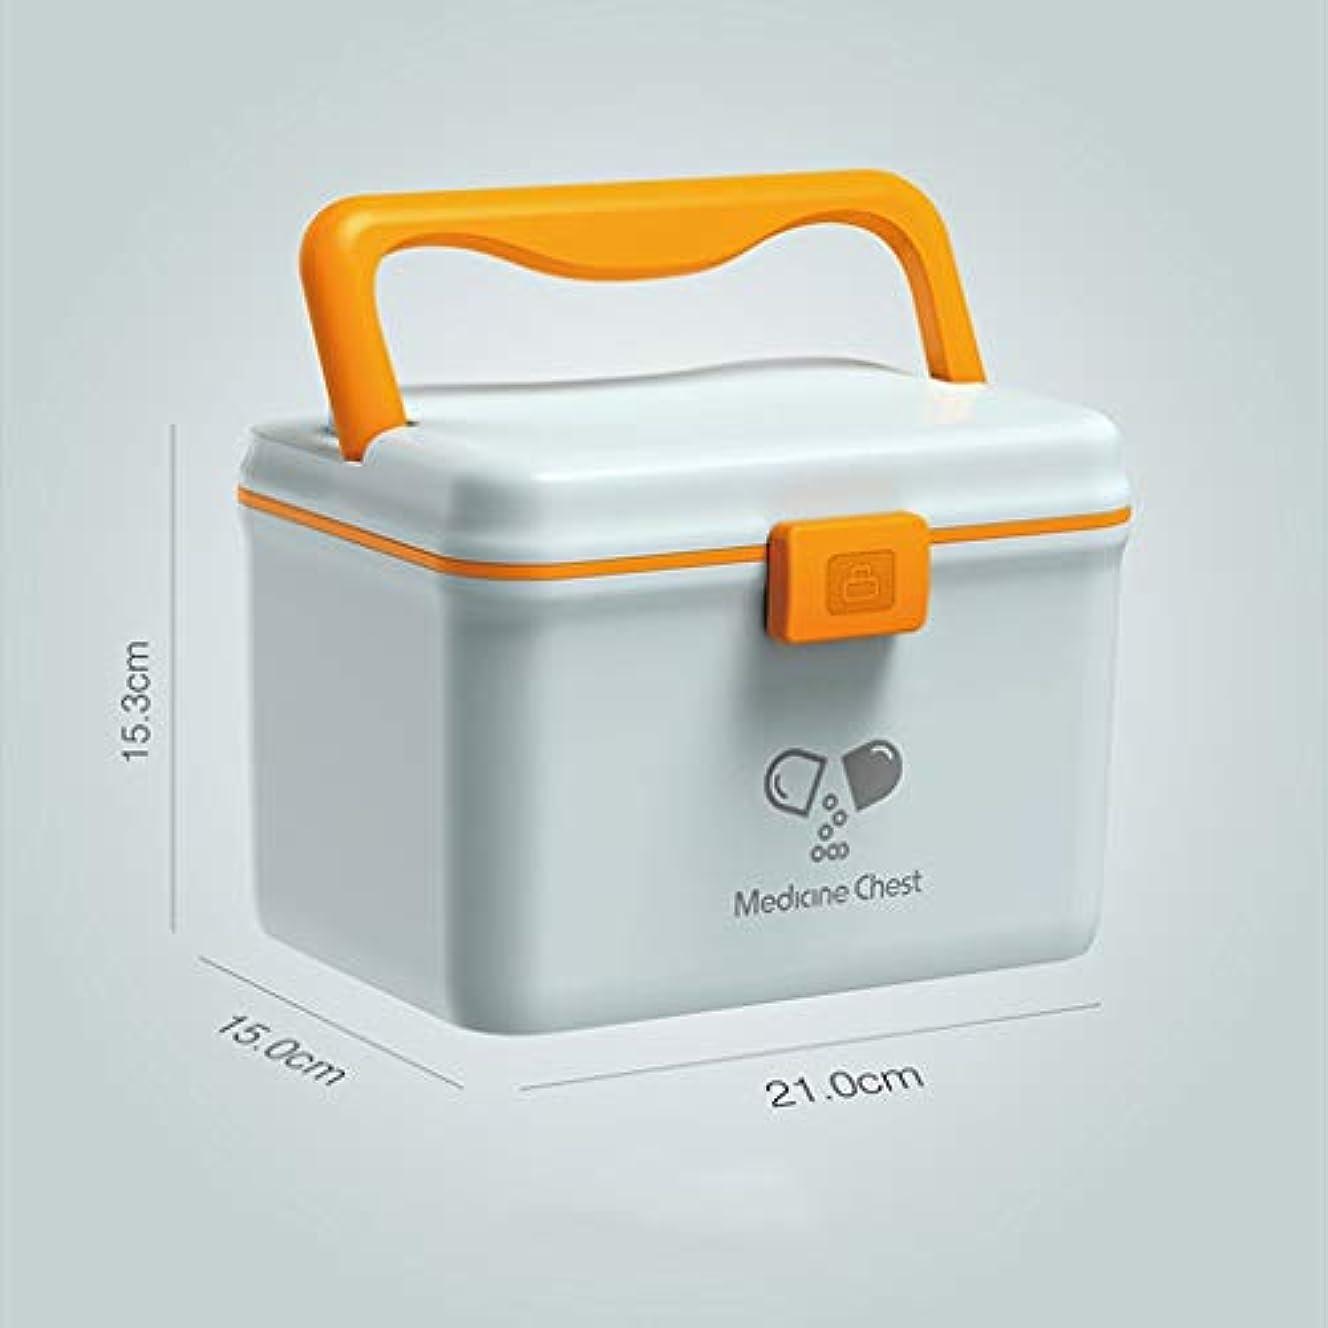 ラダクリック同行WXYXG 家庭用品収納ボックス子供の薬箱号サイズの家庭用機器、ポータブル救急薬箱を訪問 (Color : Blue, Size : 21cm×15cm×15.3cm)